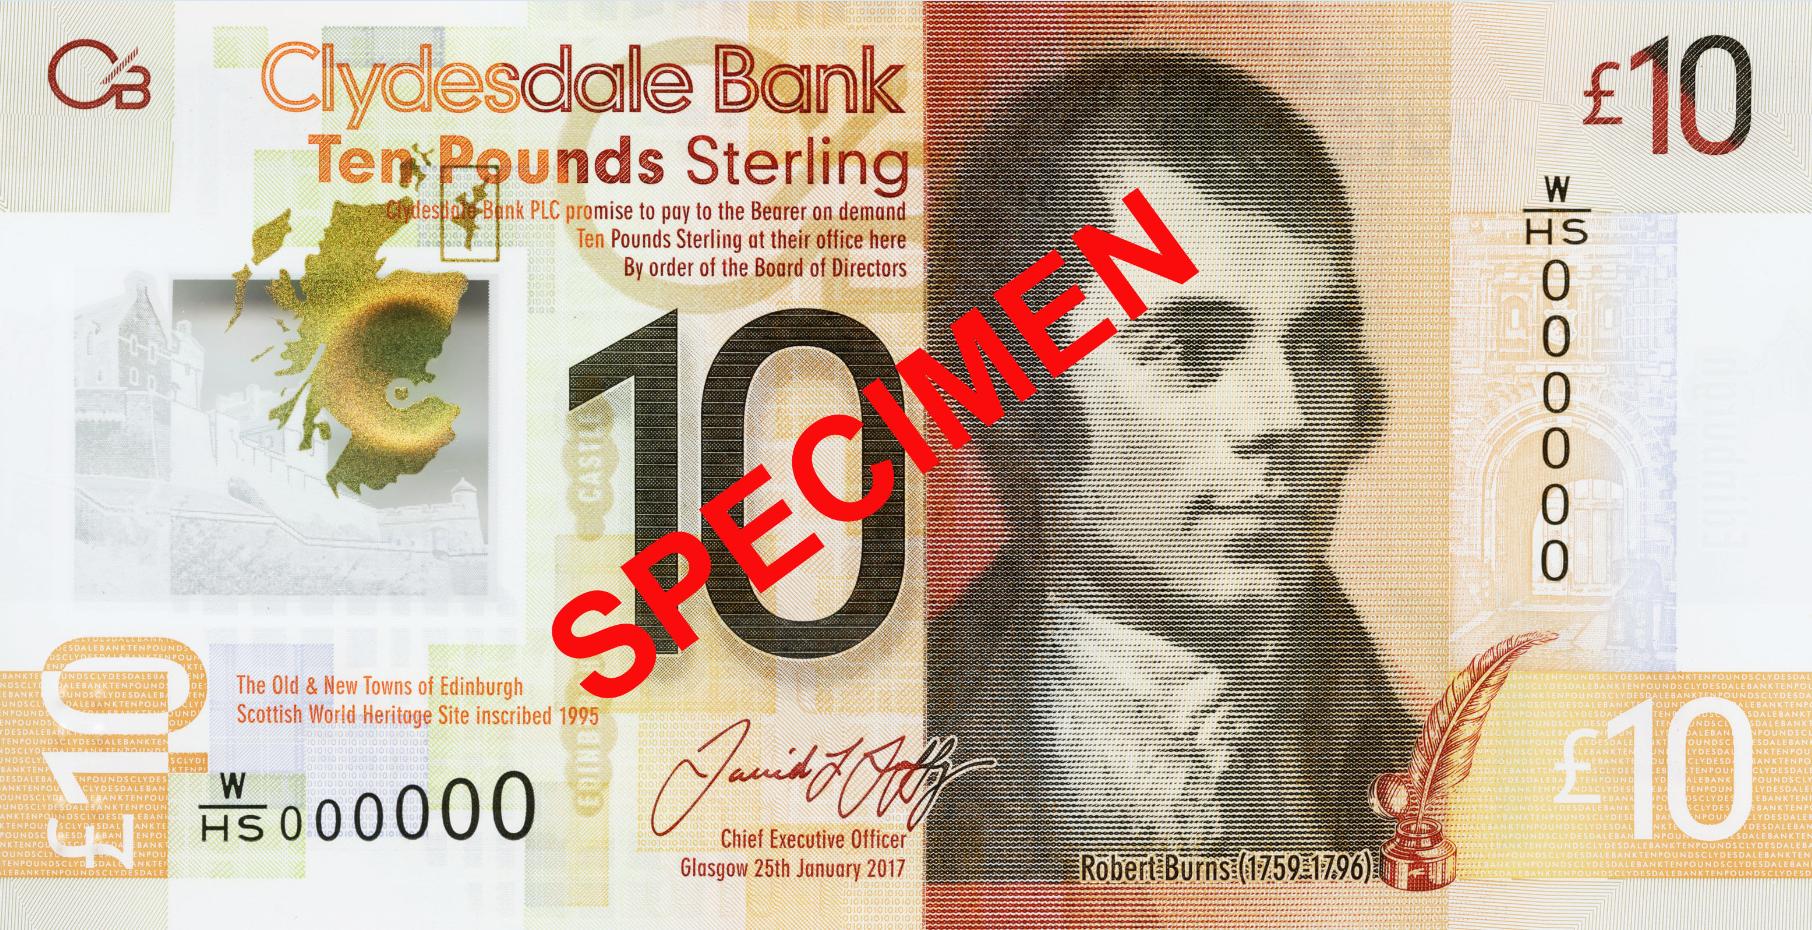 clydesdale banknote front De La Rue.png